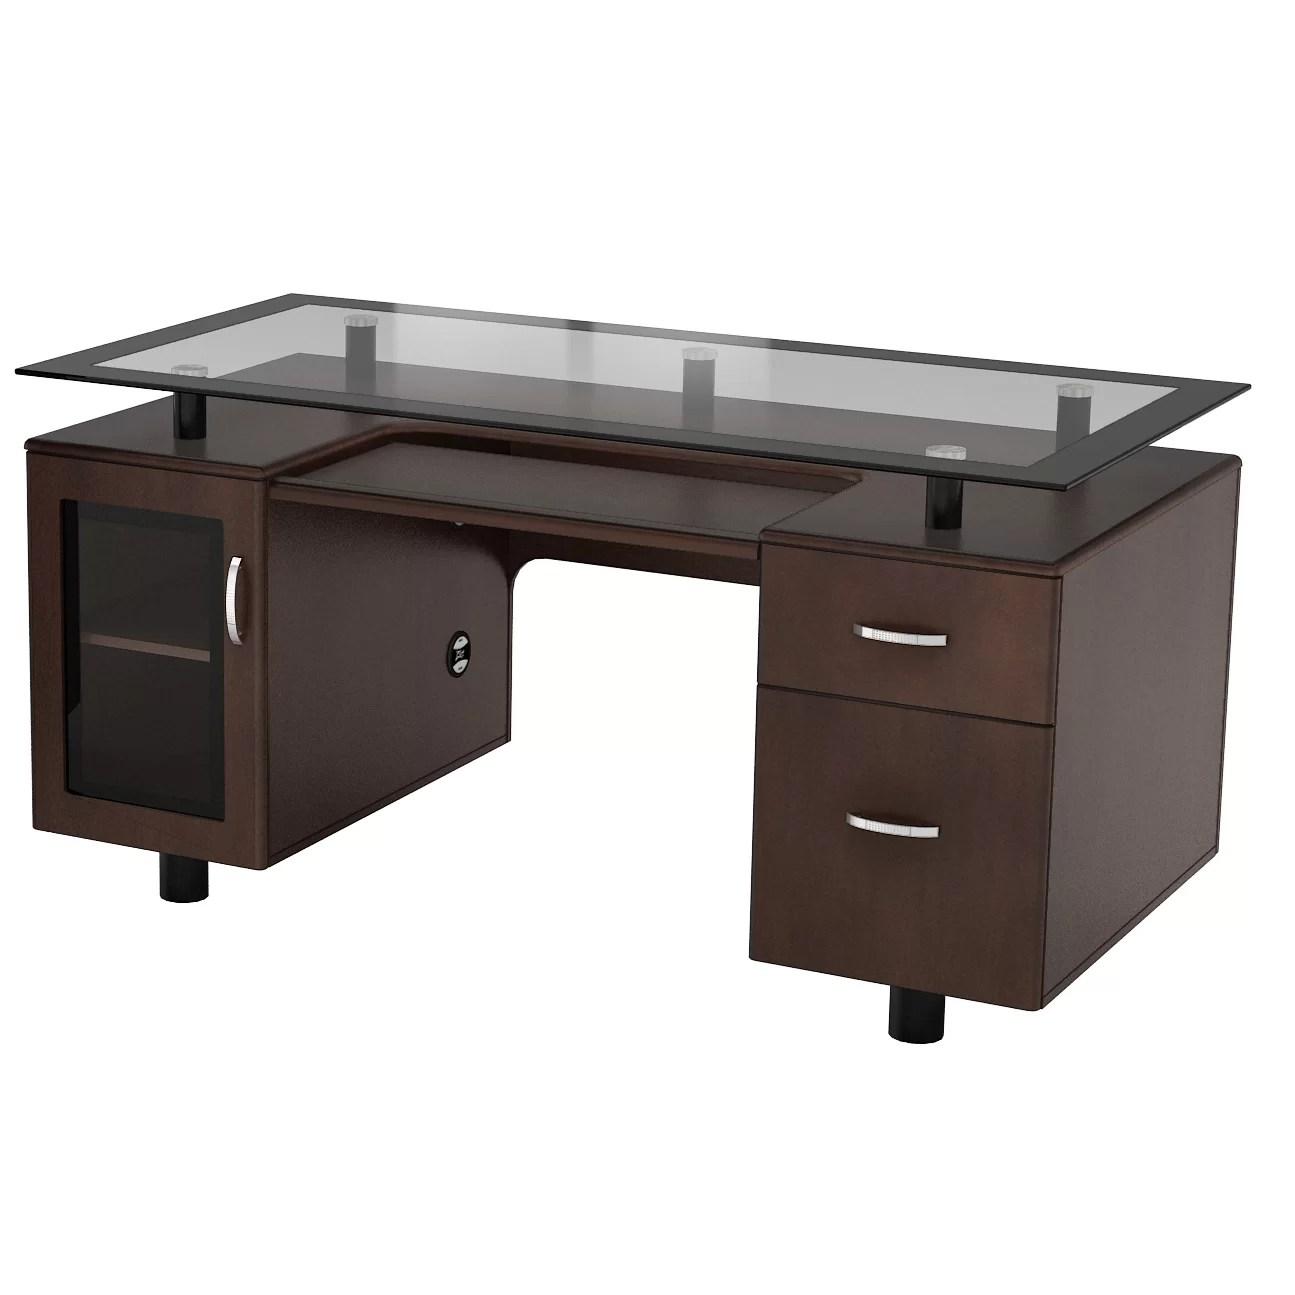 ZLine Designs Arria Executive Desk  Reviews  Wayfair